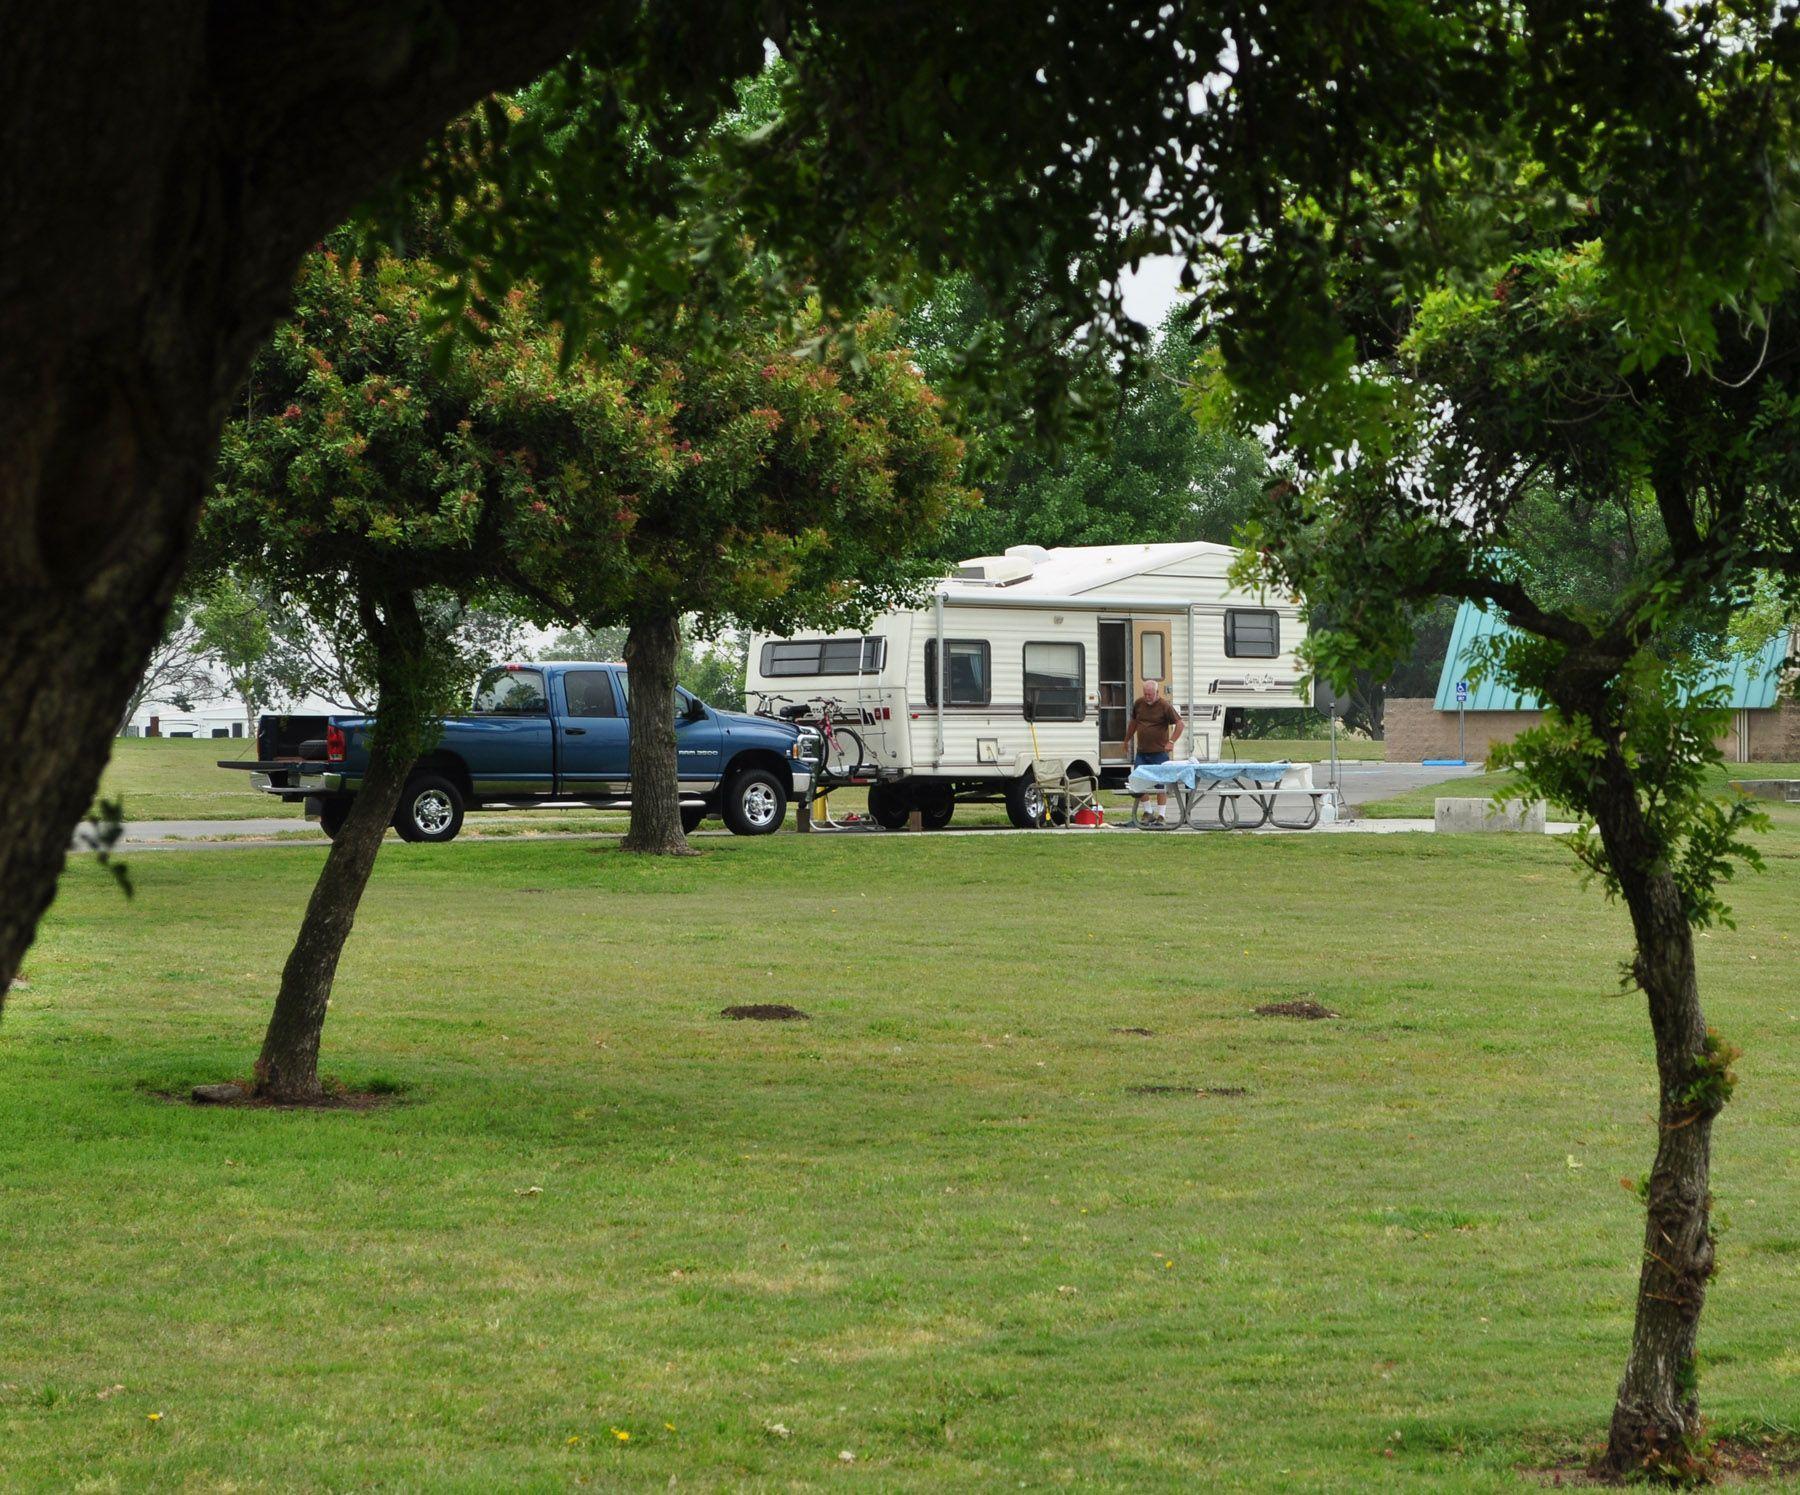 full hookup camping southern california mens dating